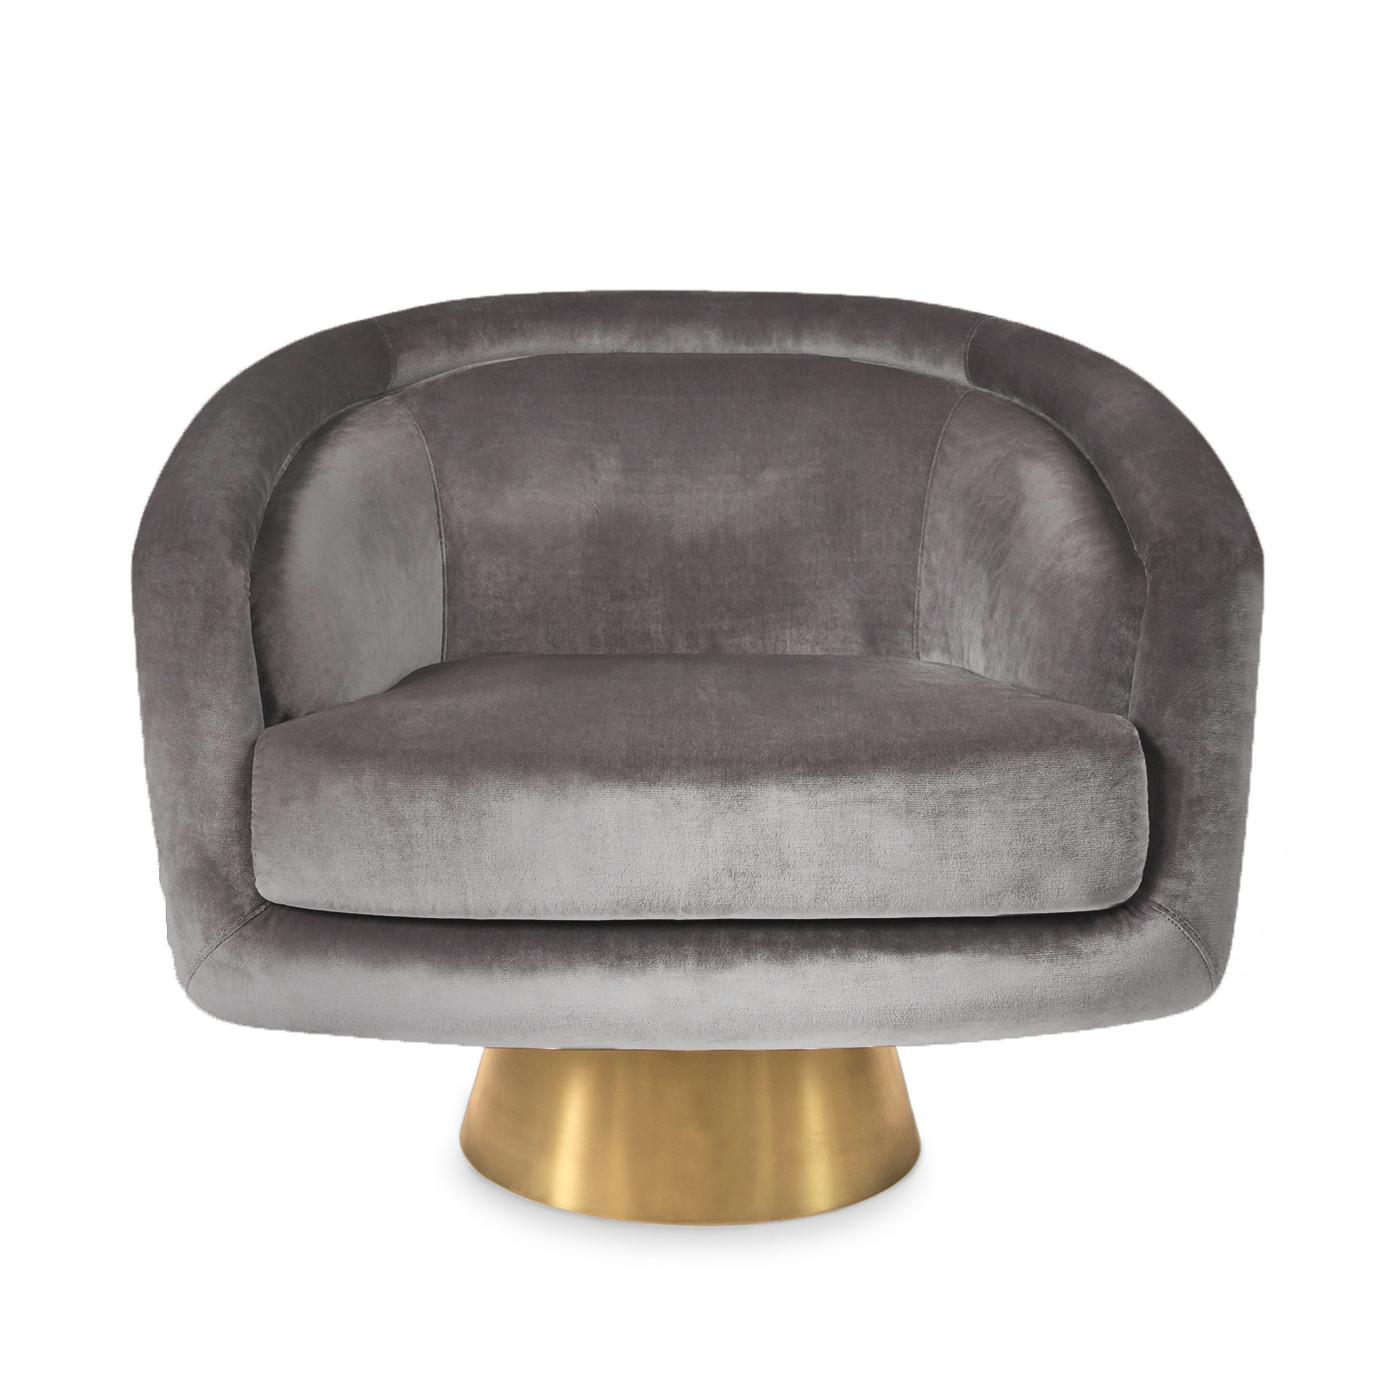 Bacharach Swivel Chair | Rialto Ash